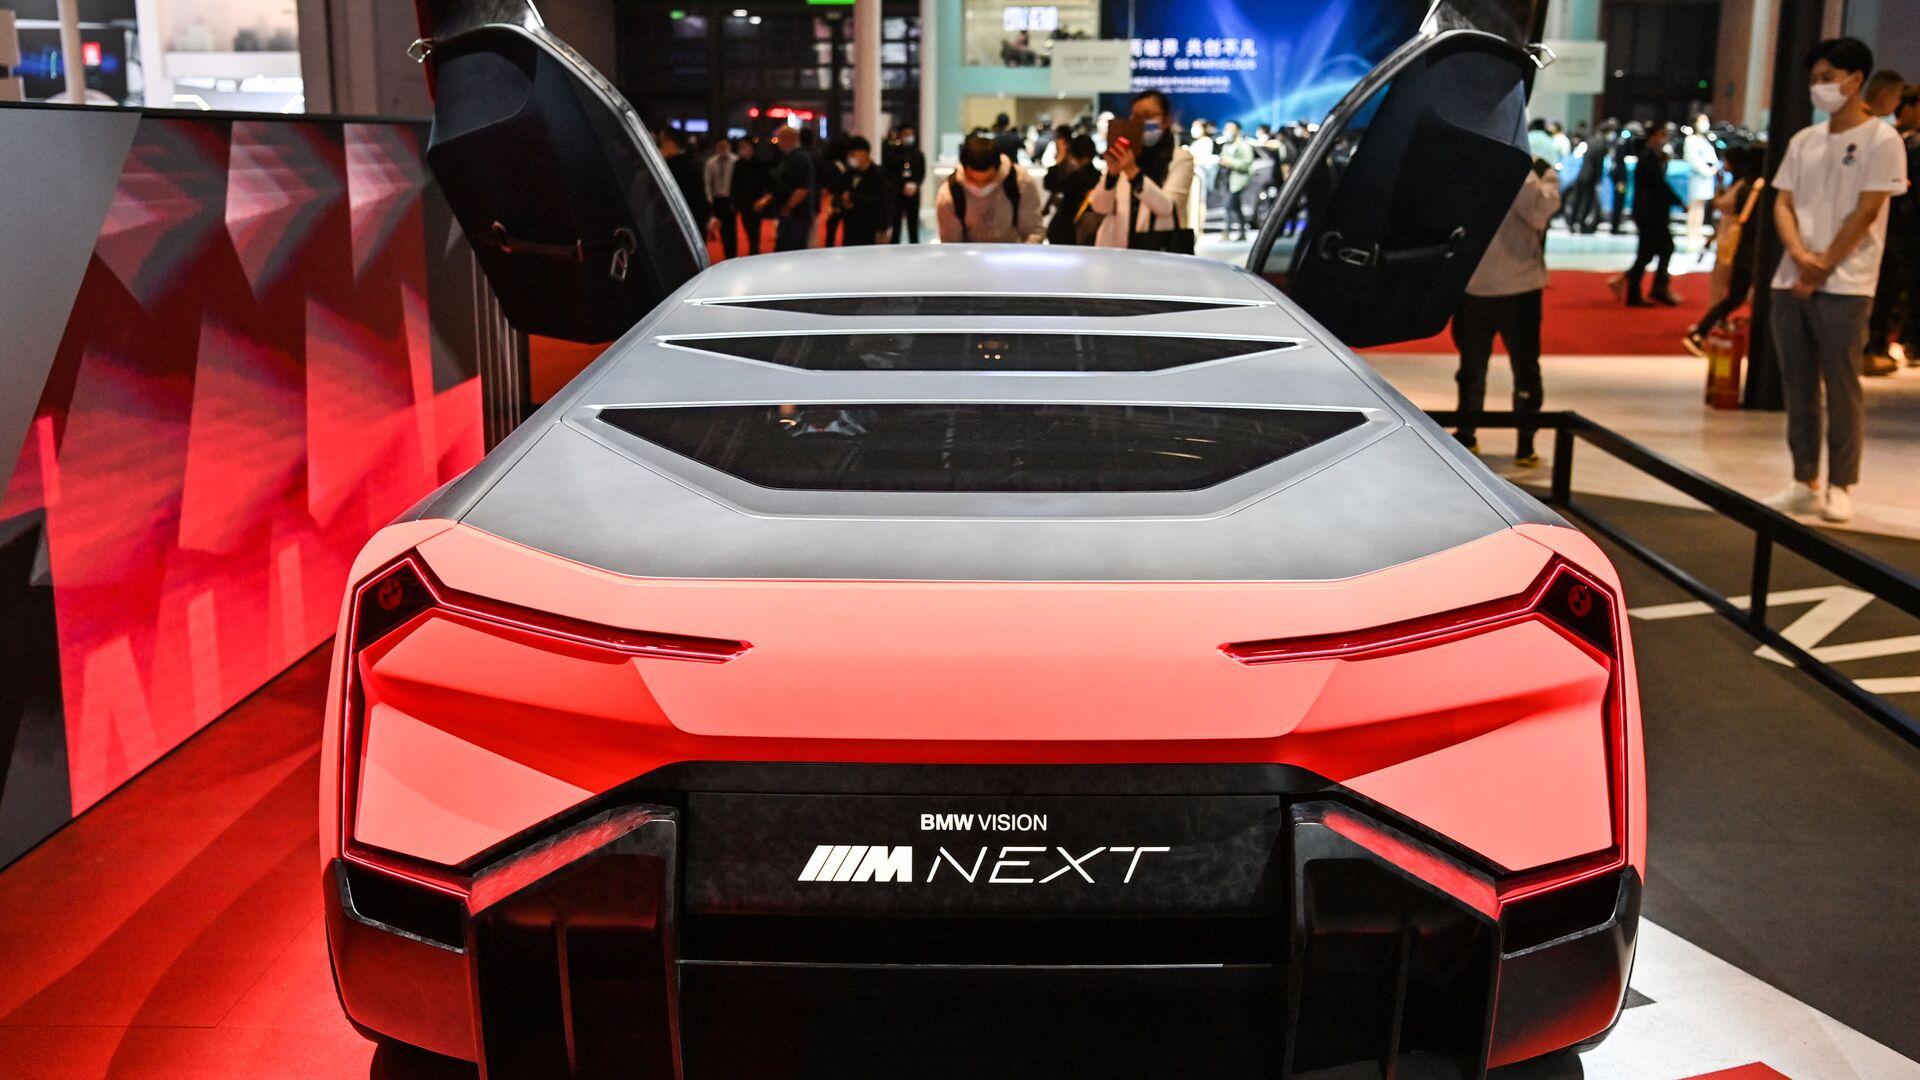 Автомобиль BMW Vision Next на 19-й международной автомобильной выставке в Шанхае - Sputnik Армения, 1920, 13.10.2021